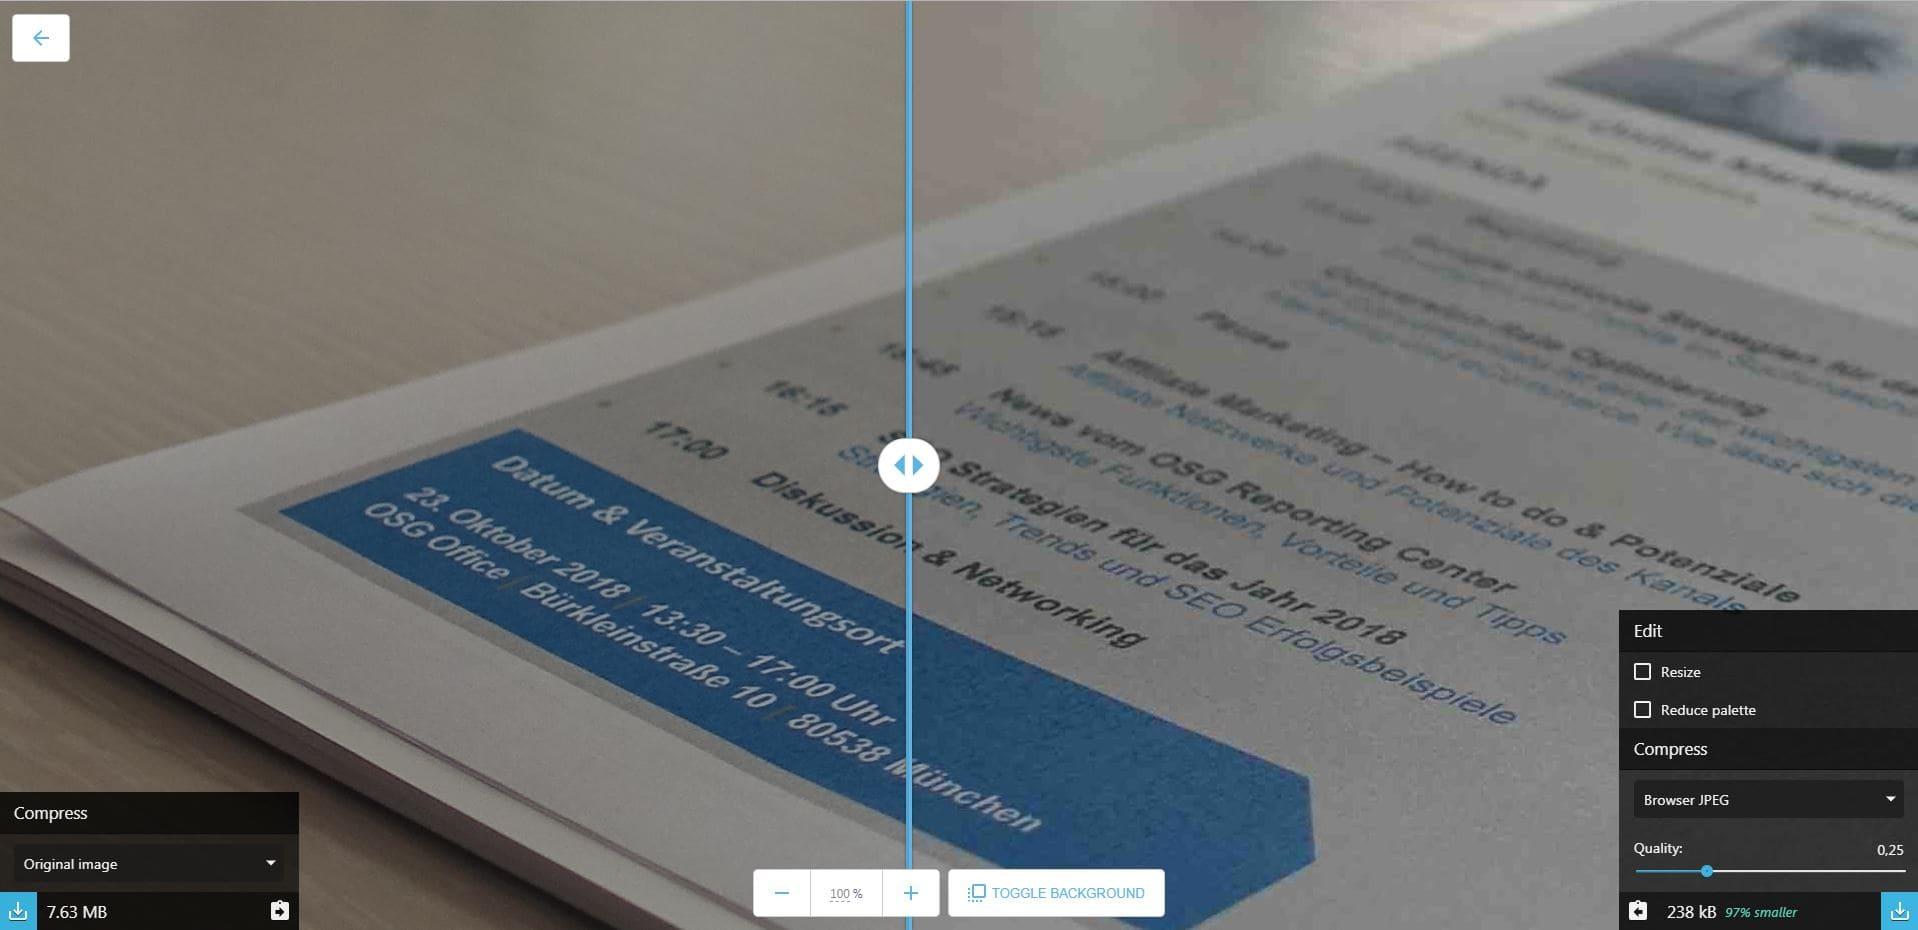 Squoosh zeigt eine direkte Vorschau des komprimierten Bildes sowie dessen finale Dateigröße